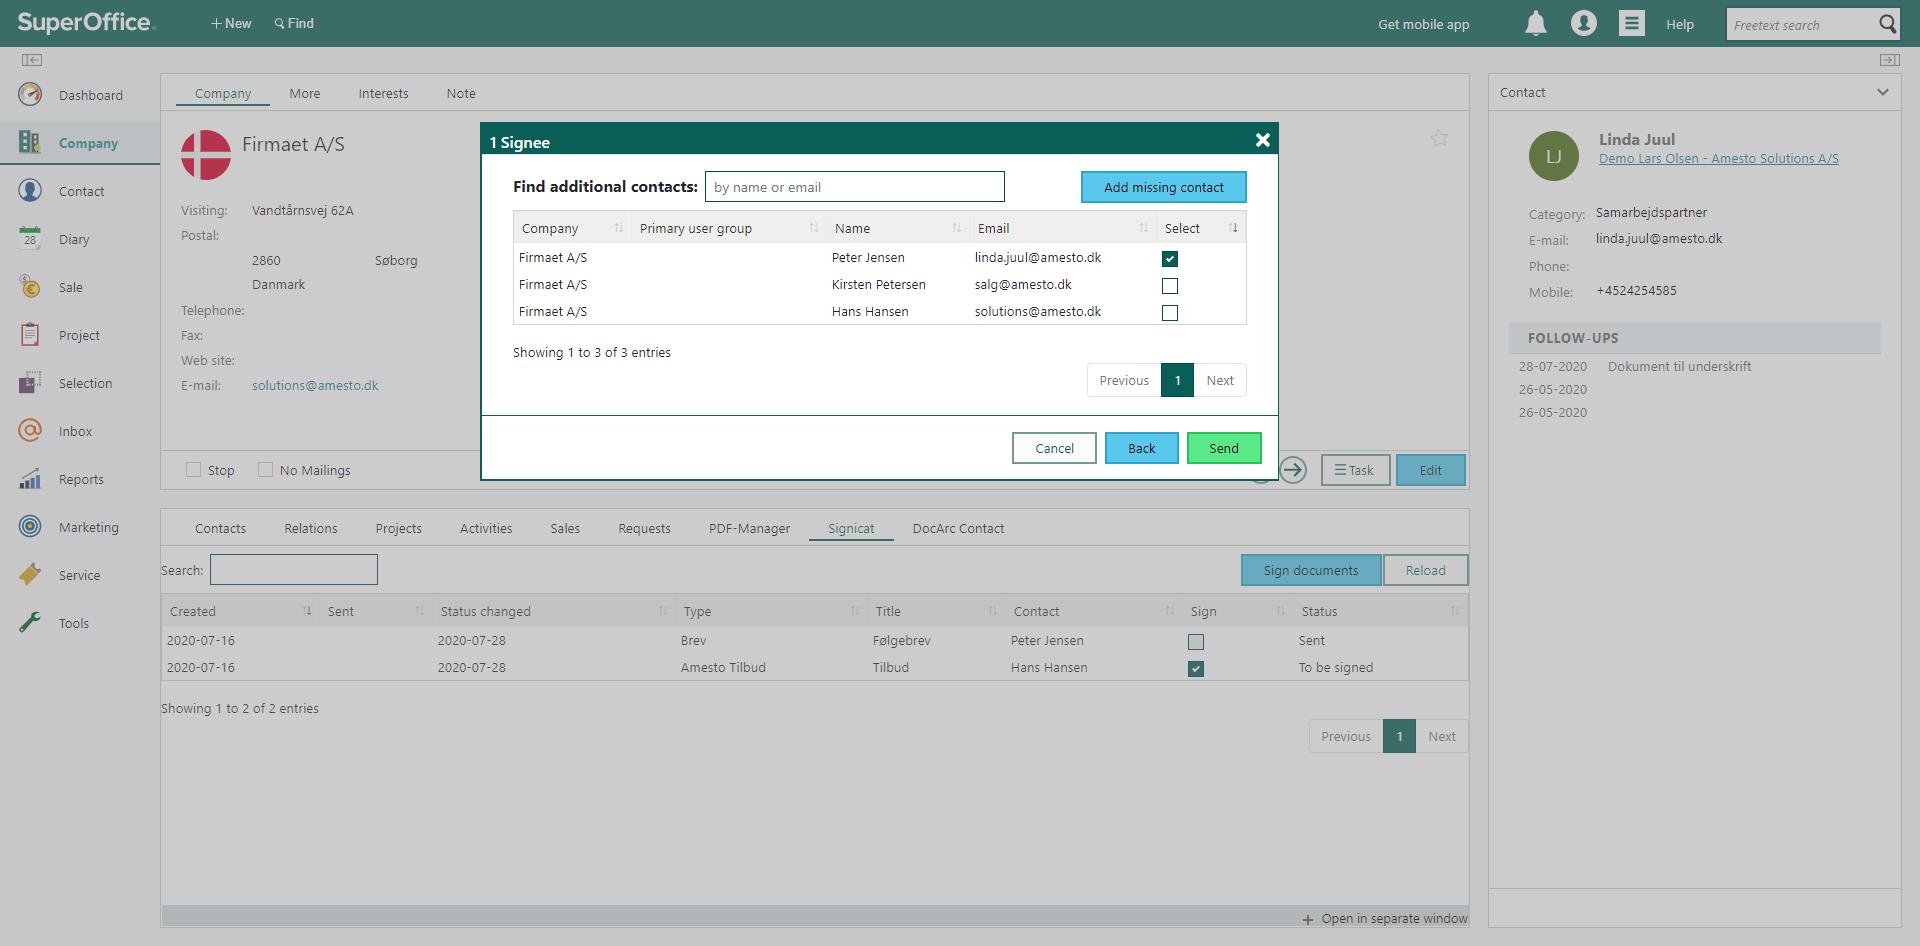 Online signatur lader dig finde modtagere i SuperOofice eller tilføje dine egne